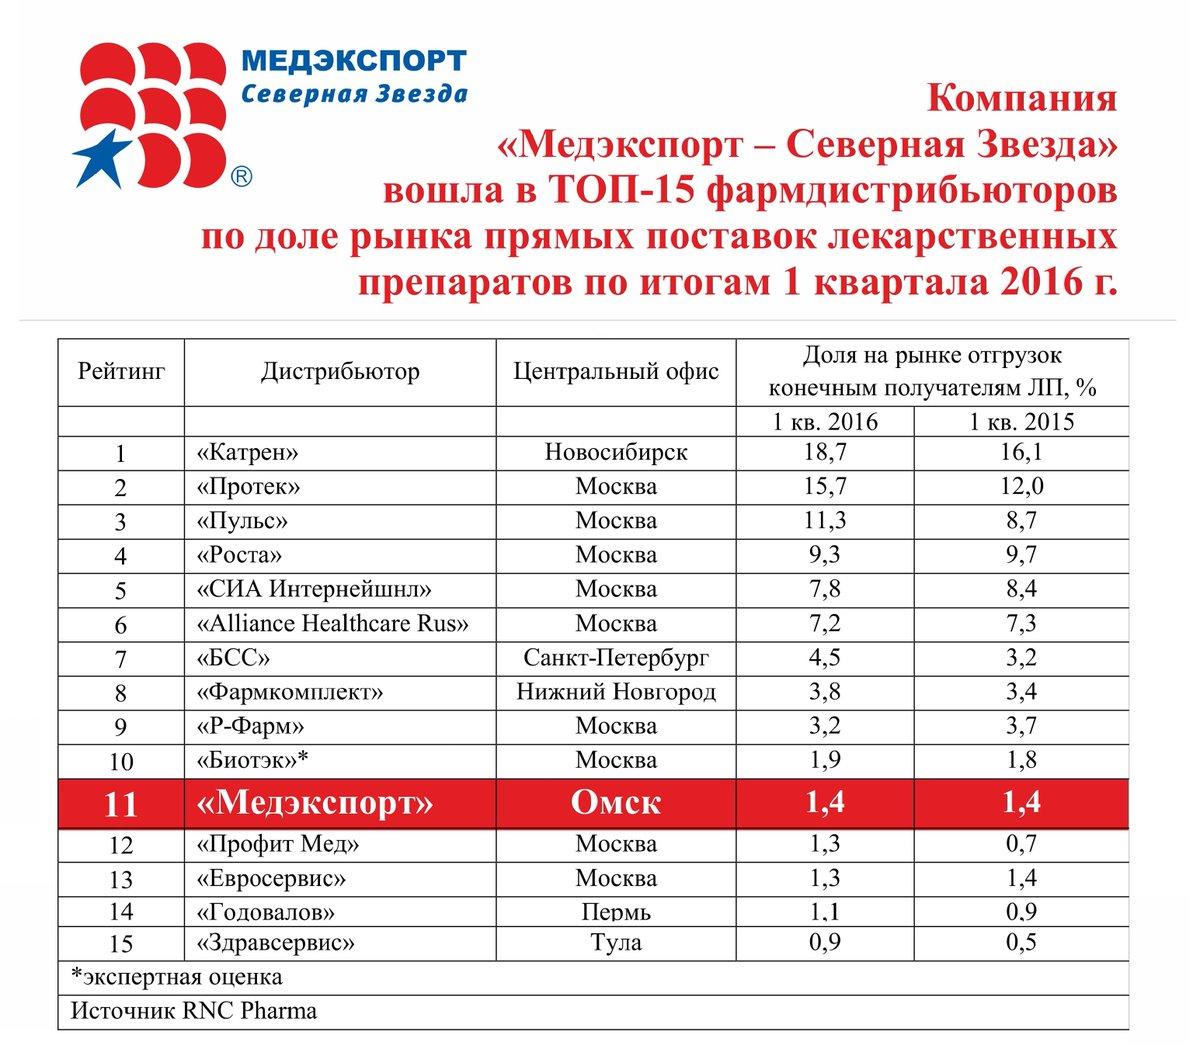 ооо медэкспорт-северная звезда новосибирск производителя многофункционального